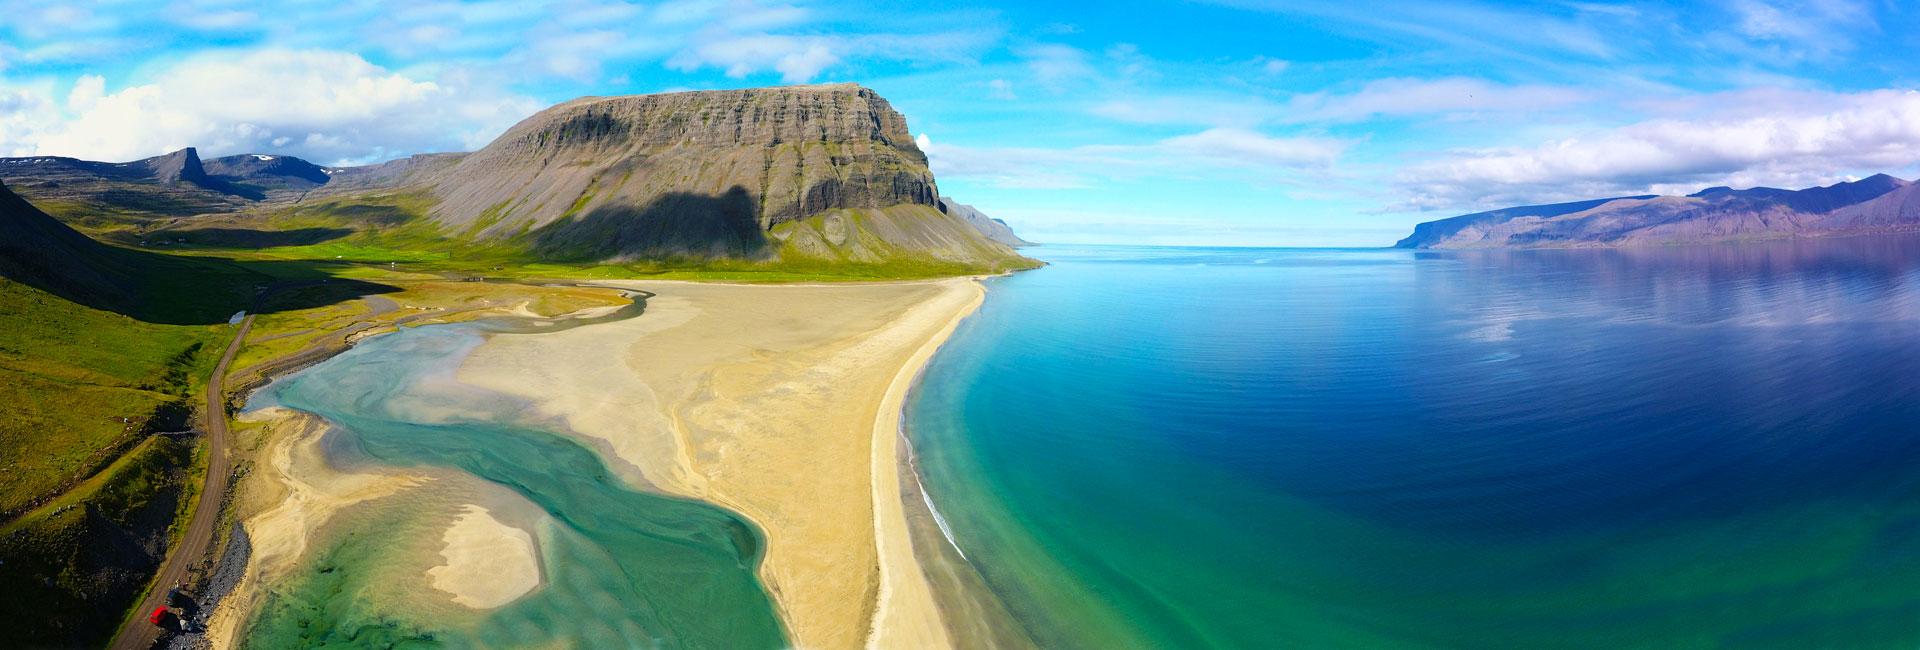 Eskimotime Agenzia viaggi per l'Islanda